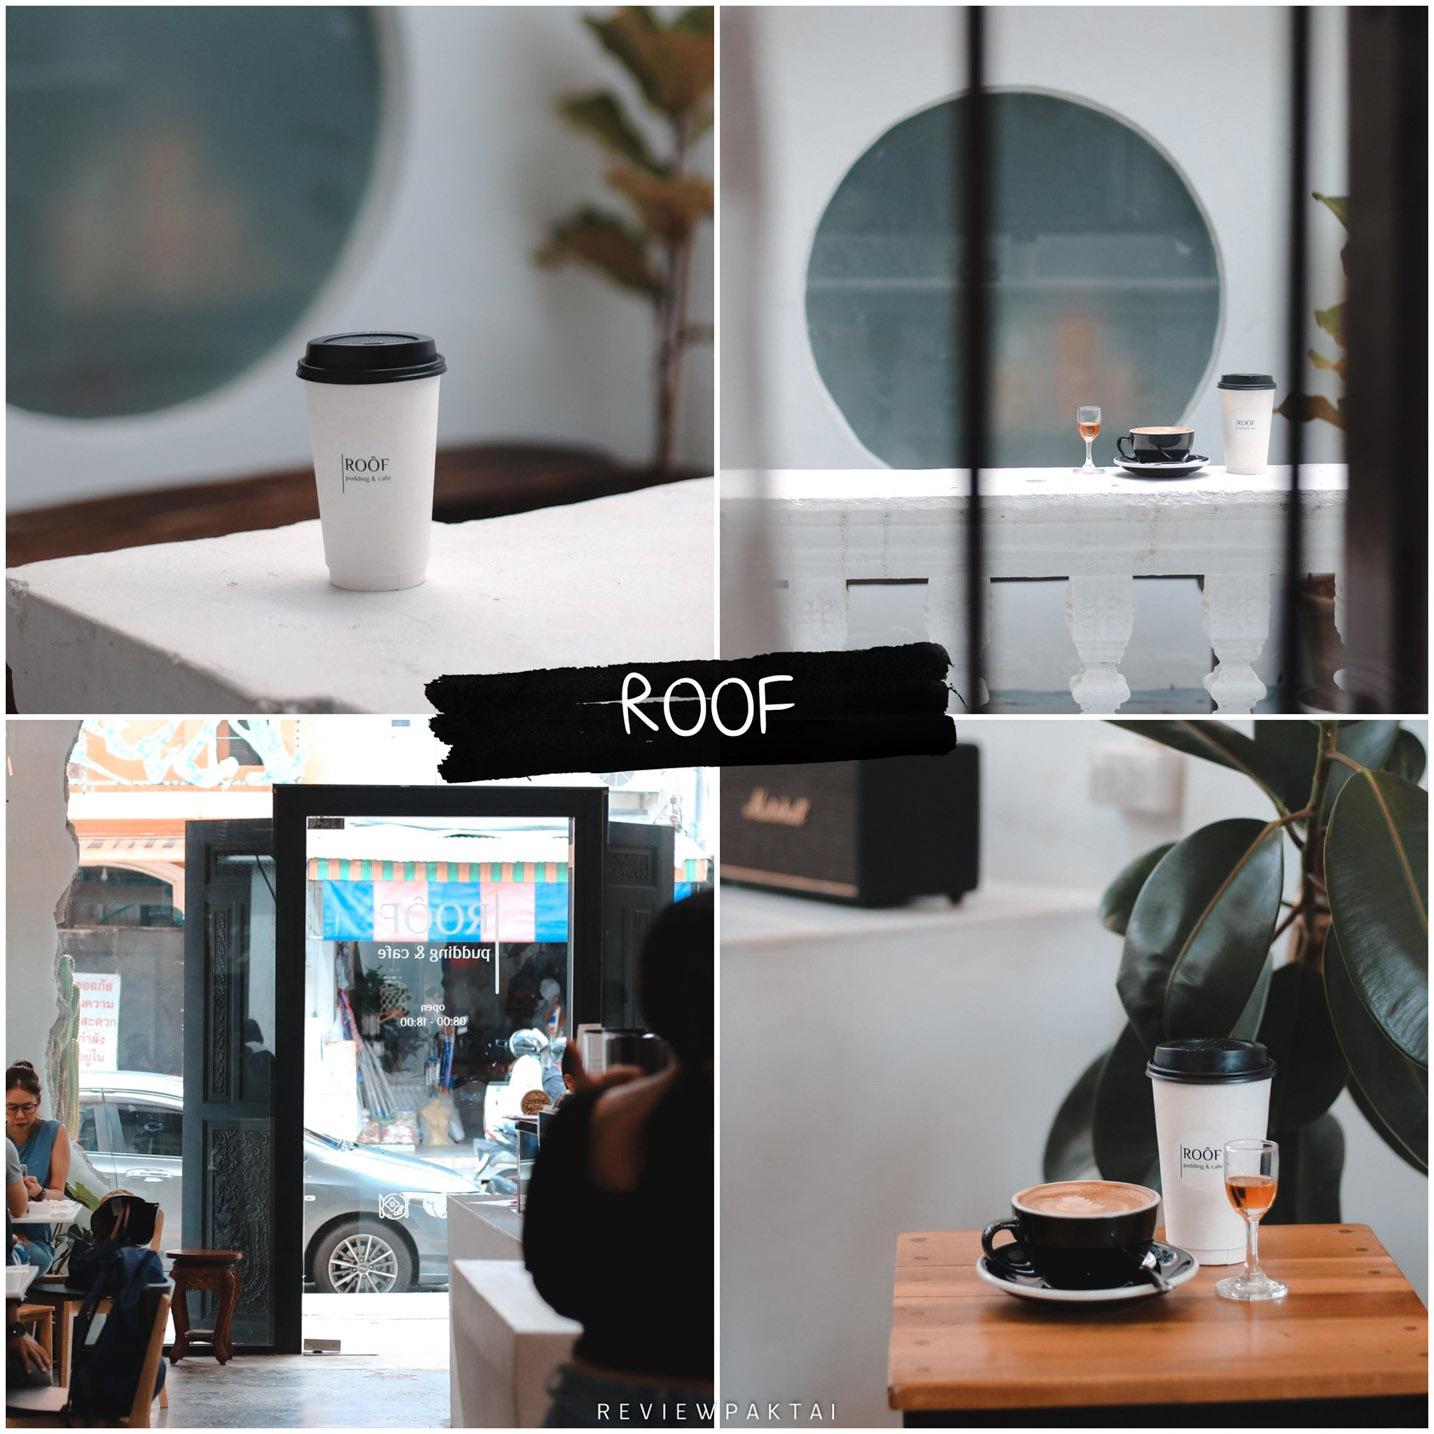 ROOF pudding & cafe คาเฟ่สไตล์มินิมอลเปิดใหม่ย่านเมืองเก่าภูเก็ต อากาศดีๆกาแฟสักแก้วไหม พลาดไม่ได้ต้องไปปักหมุดกันแล้ว!!